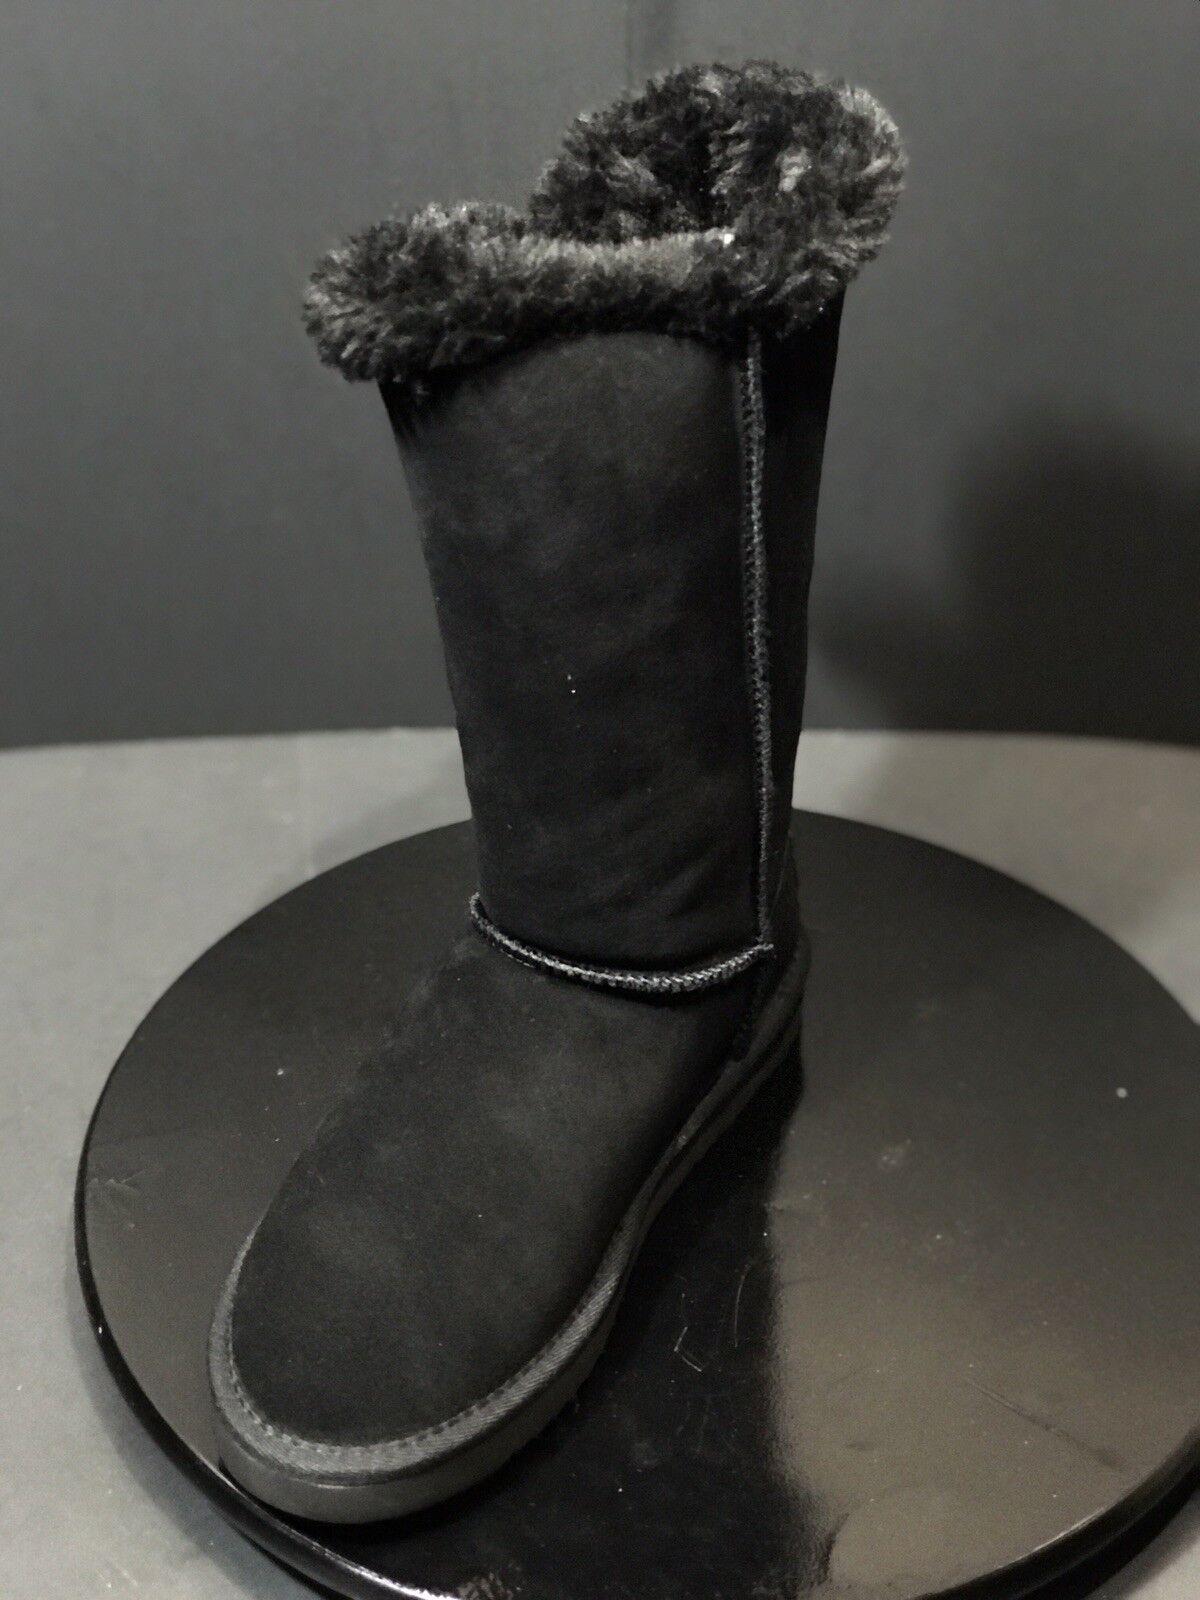 Nuevo Mujeres flojos cember dos botones Negro Gamuza botas Altas Invierno Negro botones Tamaño nos 8 M dae489